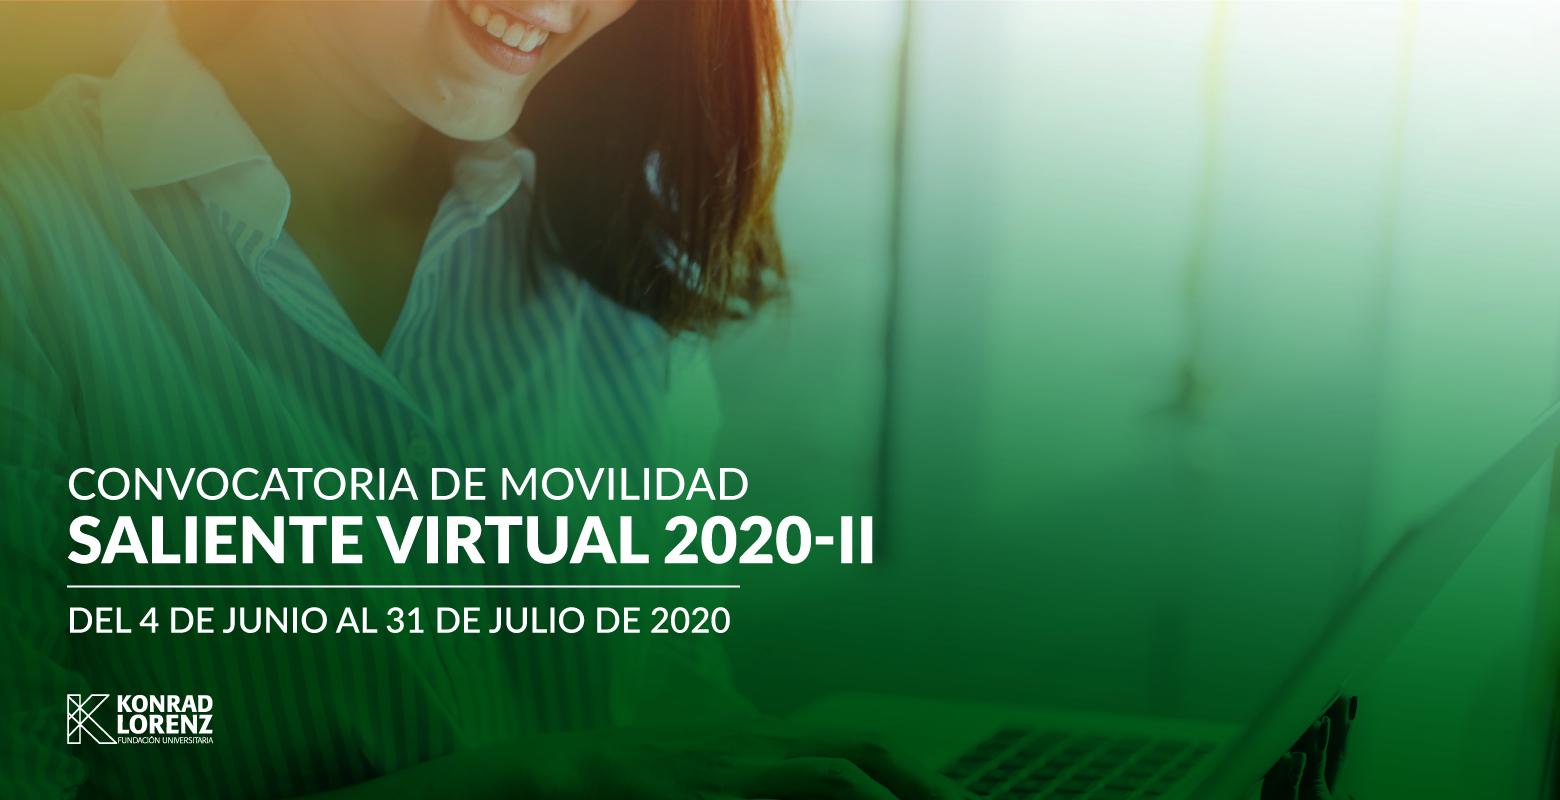 Convocatoria de Movilidad Saliente Virtual 2020-II